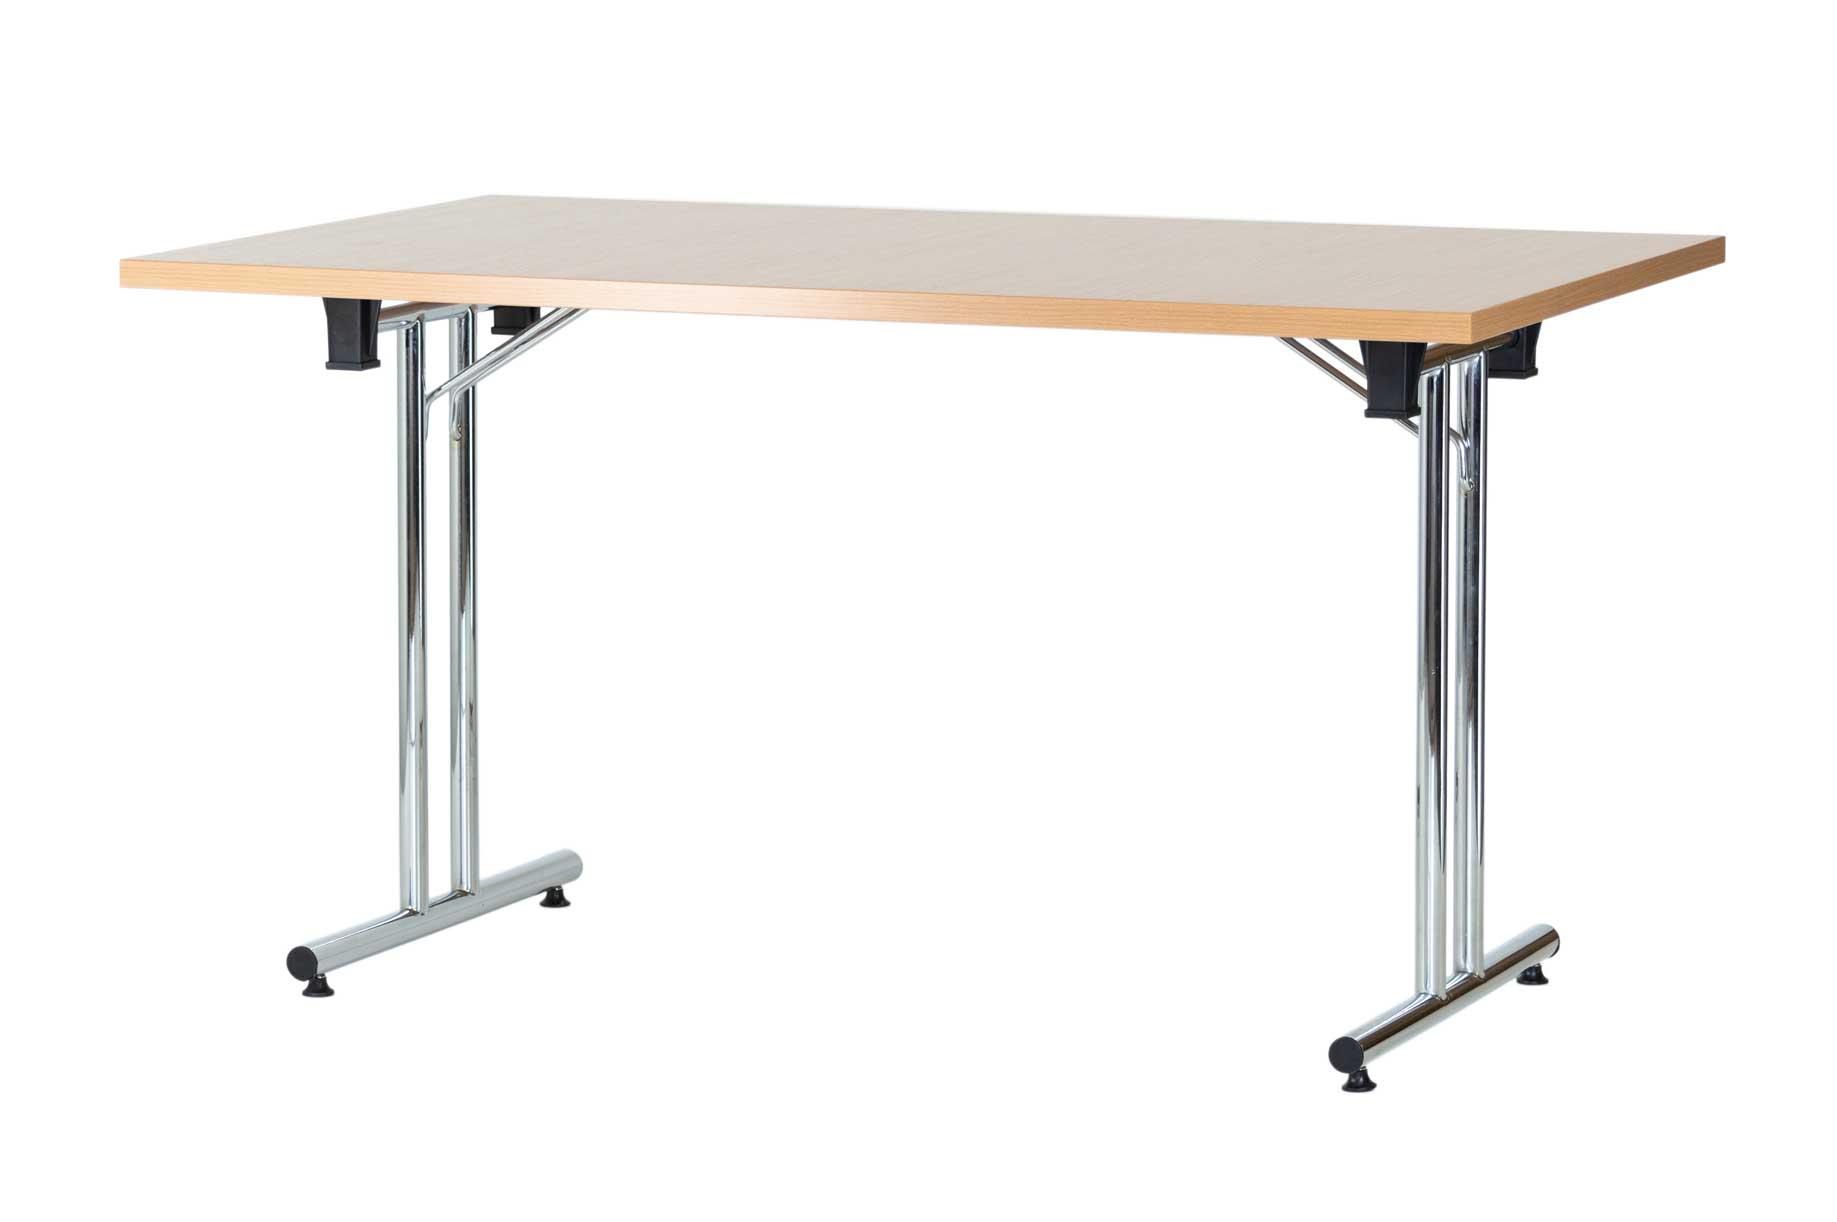 Konferencinis stalas Fold 160x80 cm su užlenkiamomis kojomis.